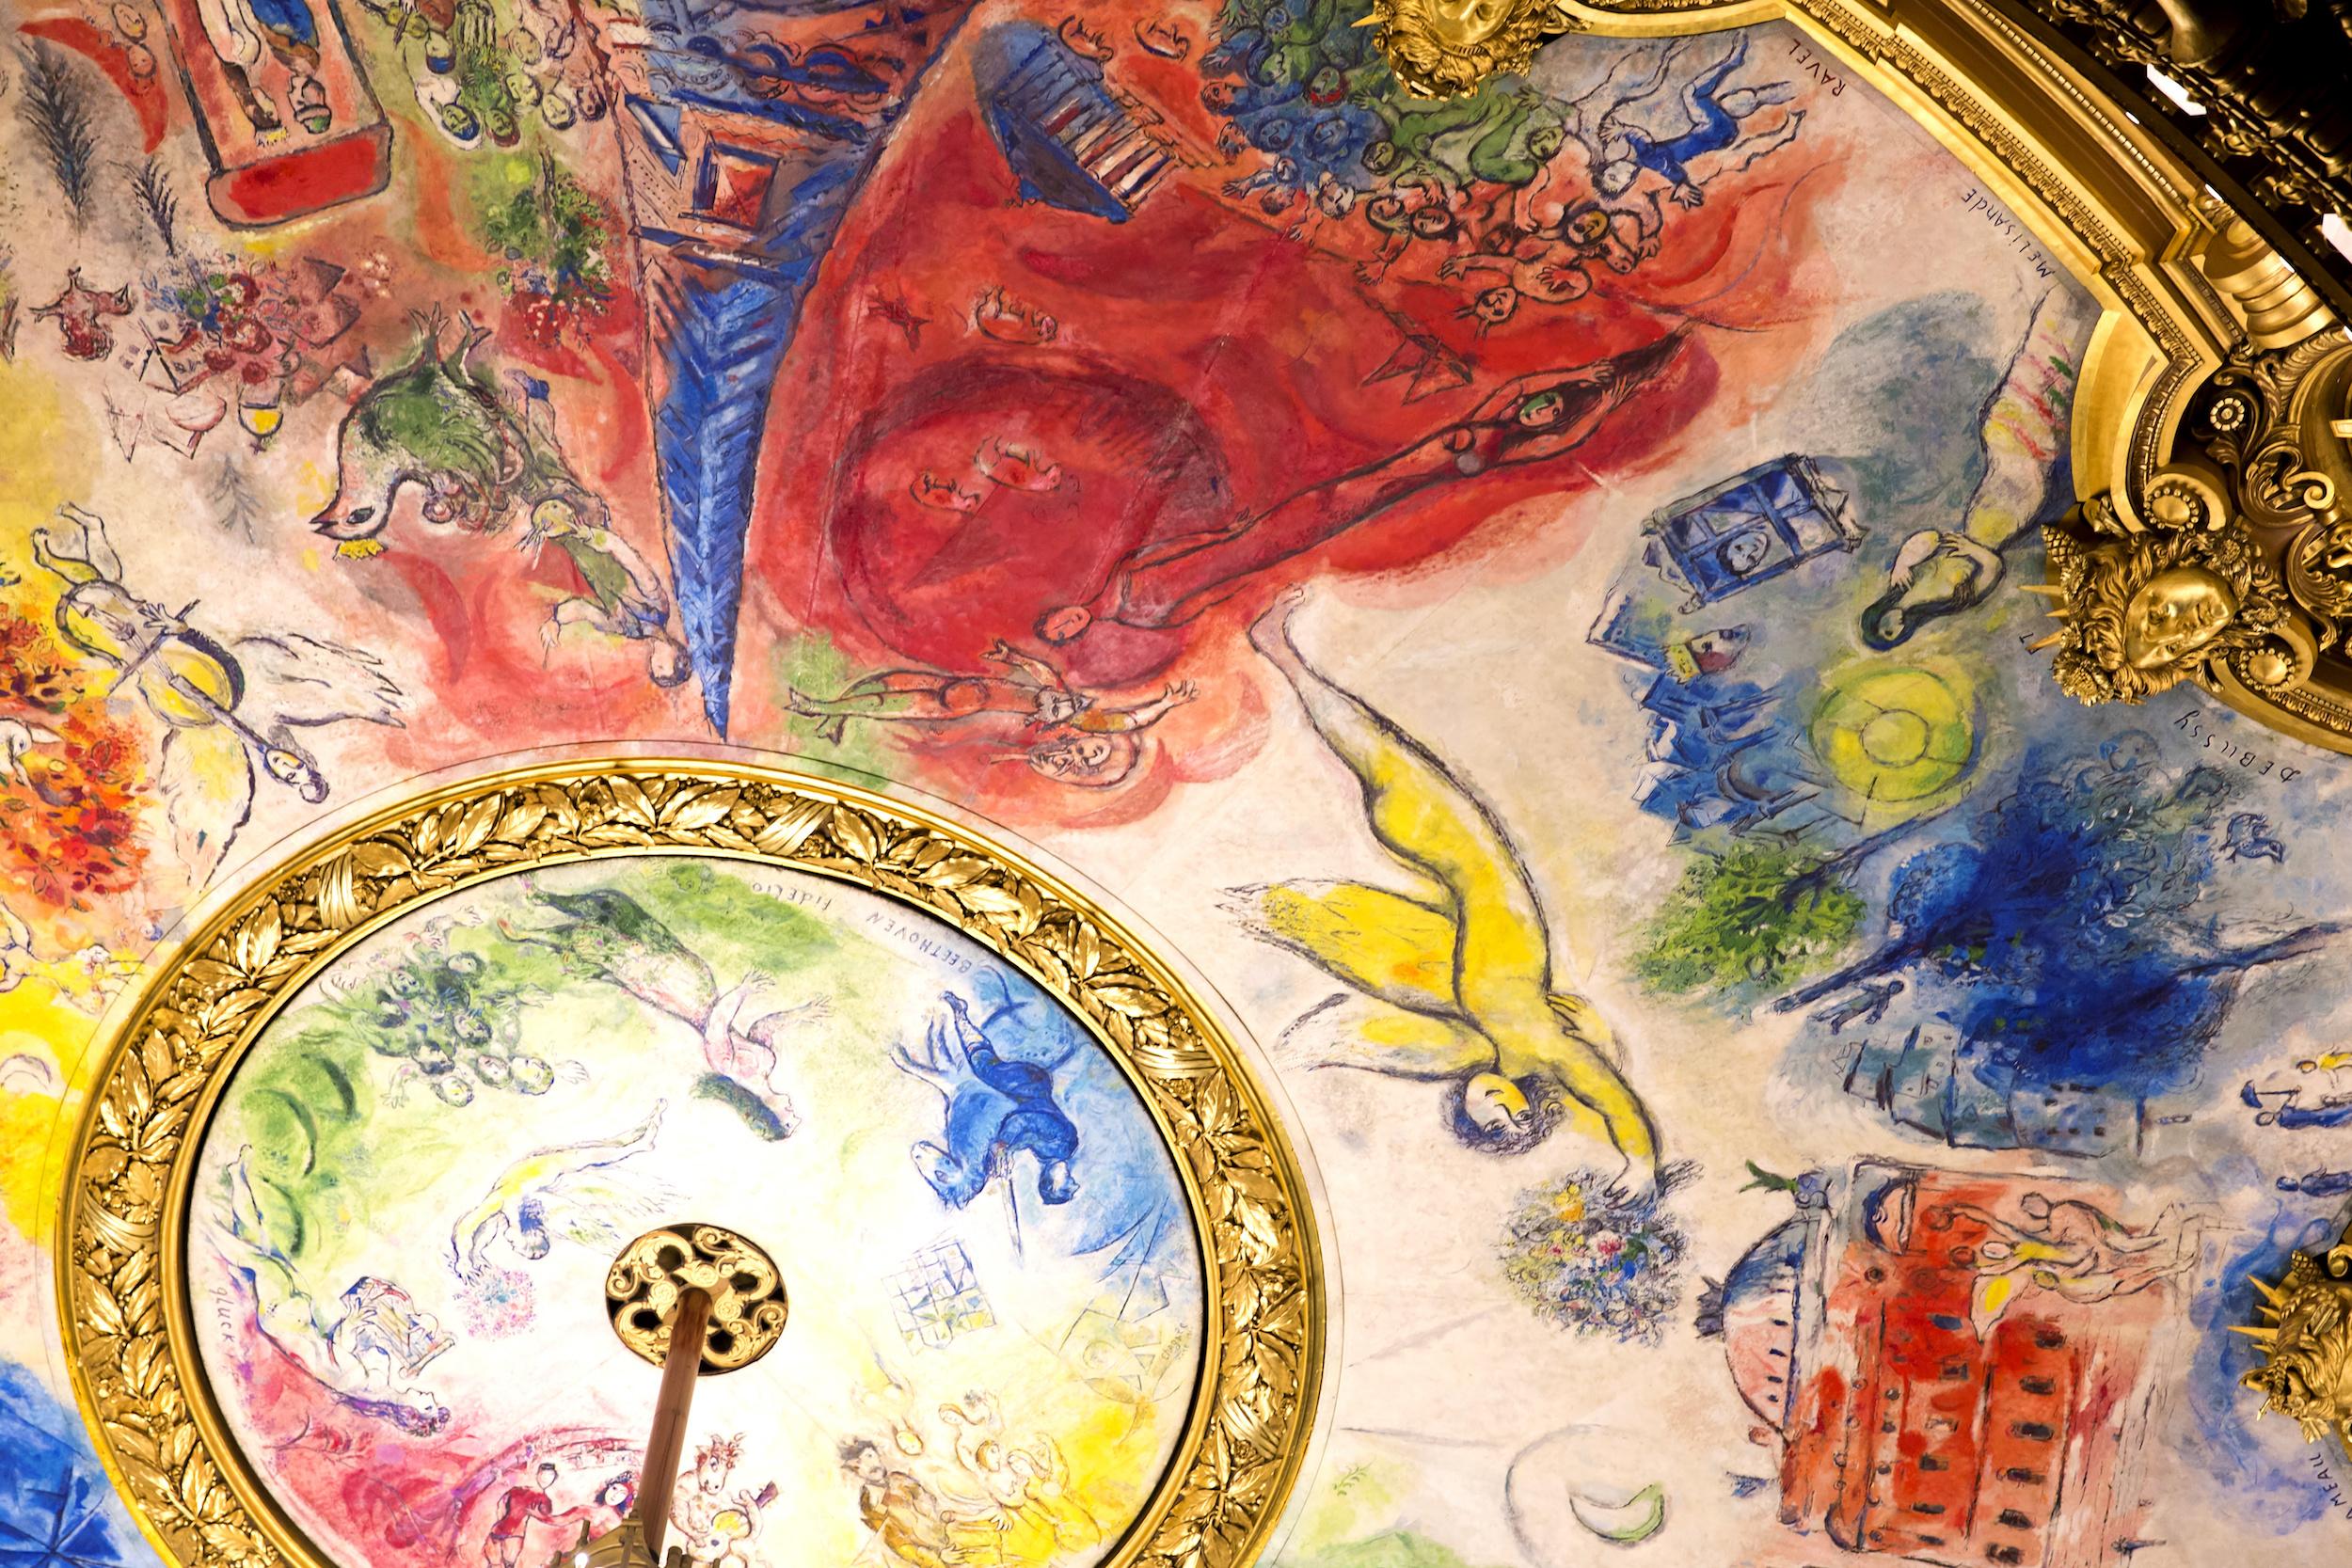 Plafond de l'Opéra Garnier, Chagall